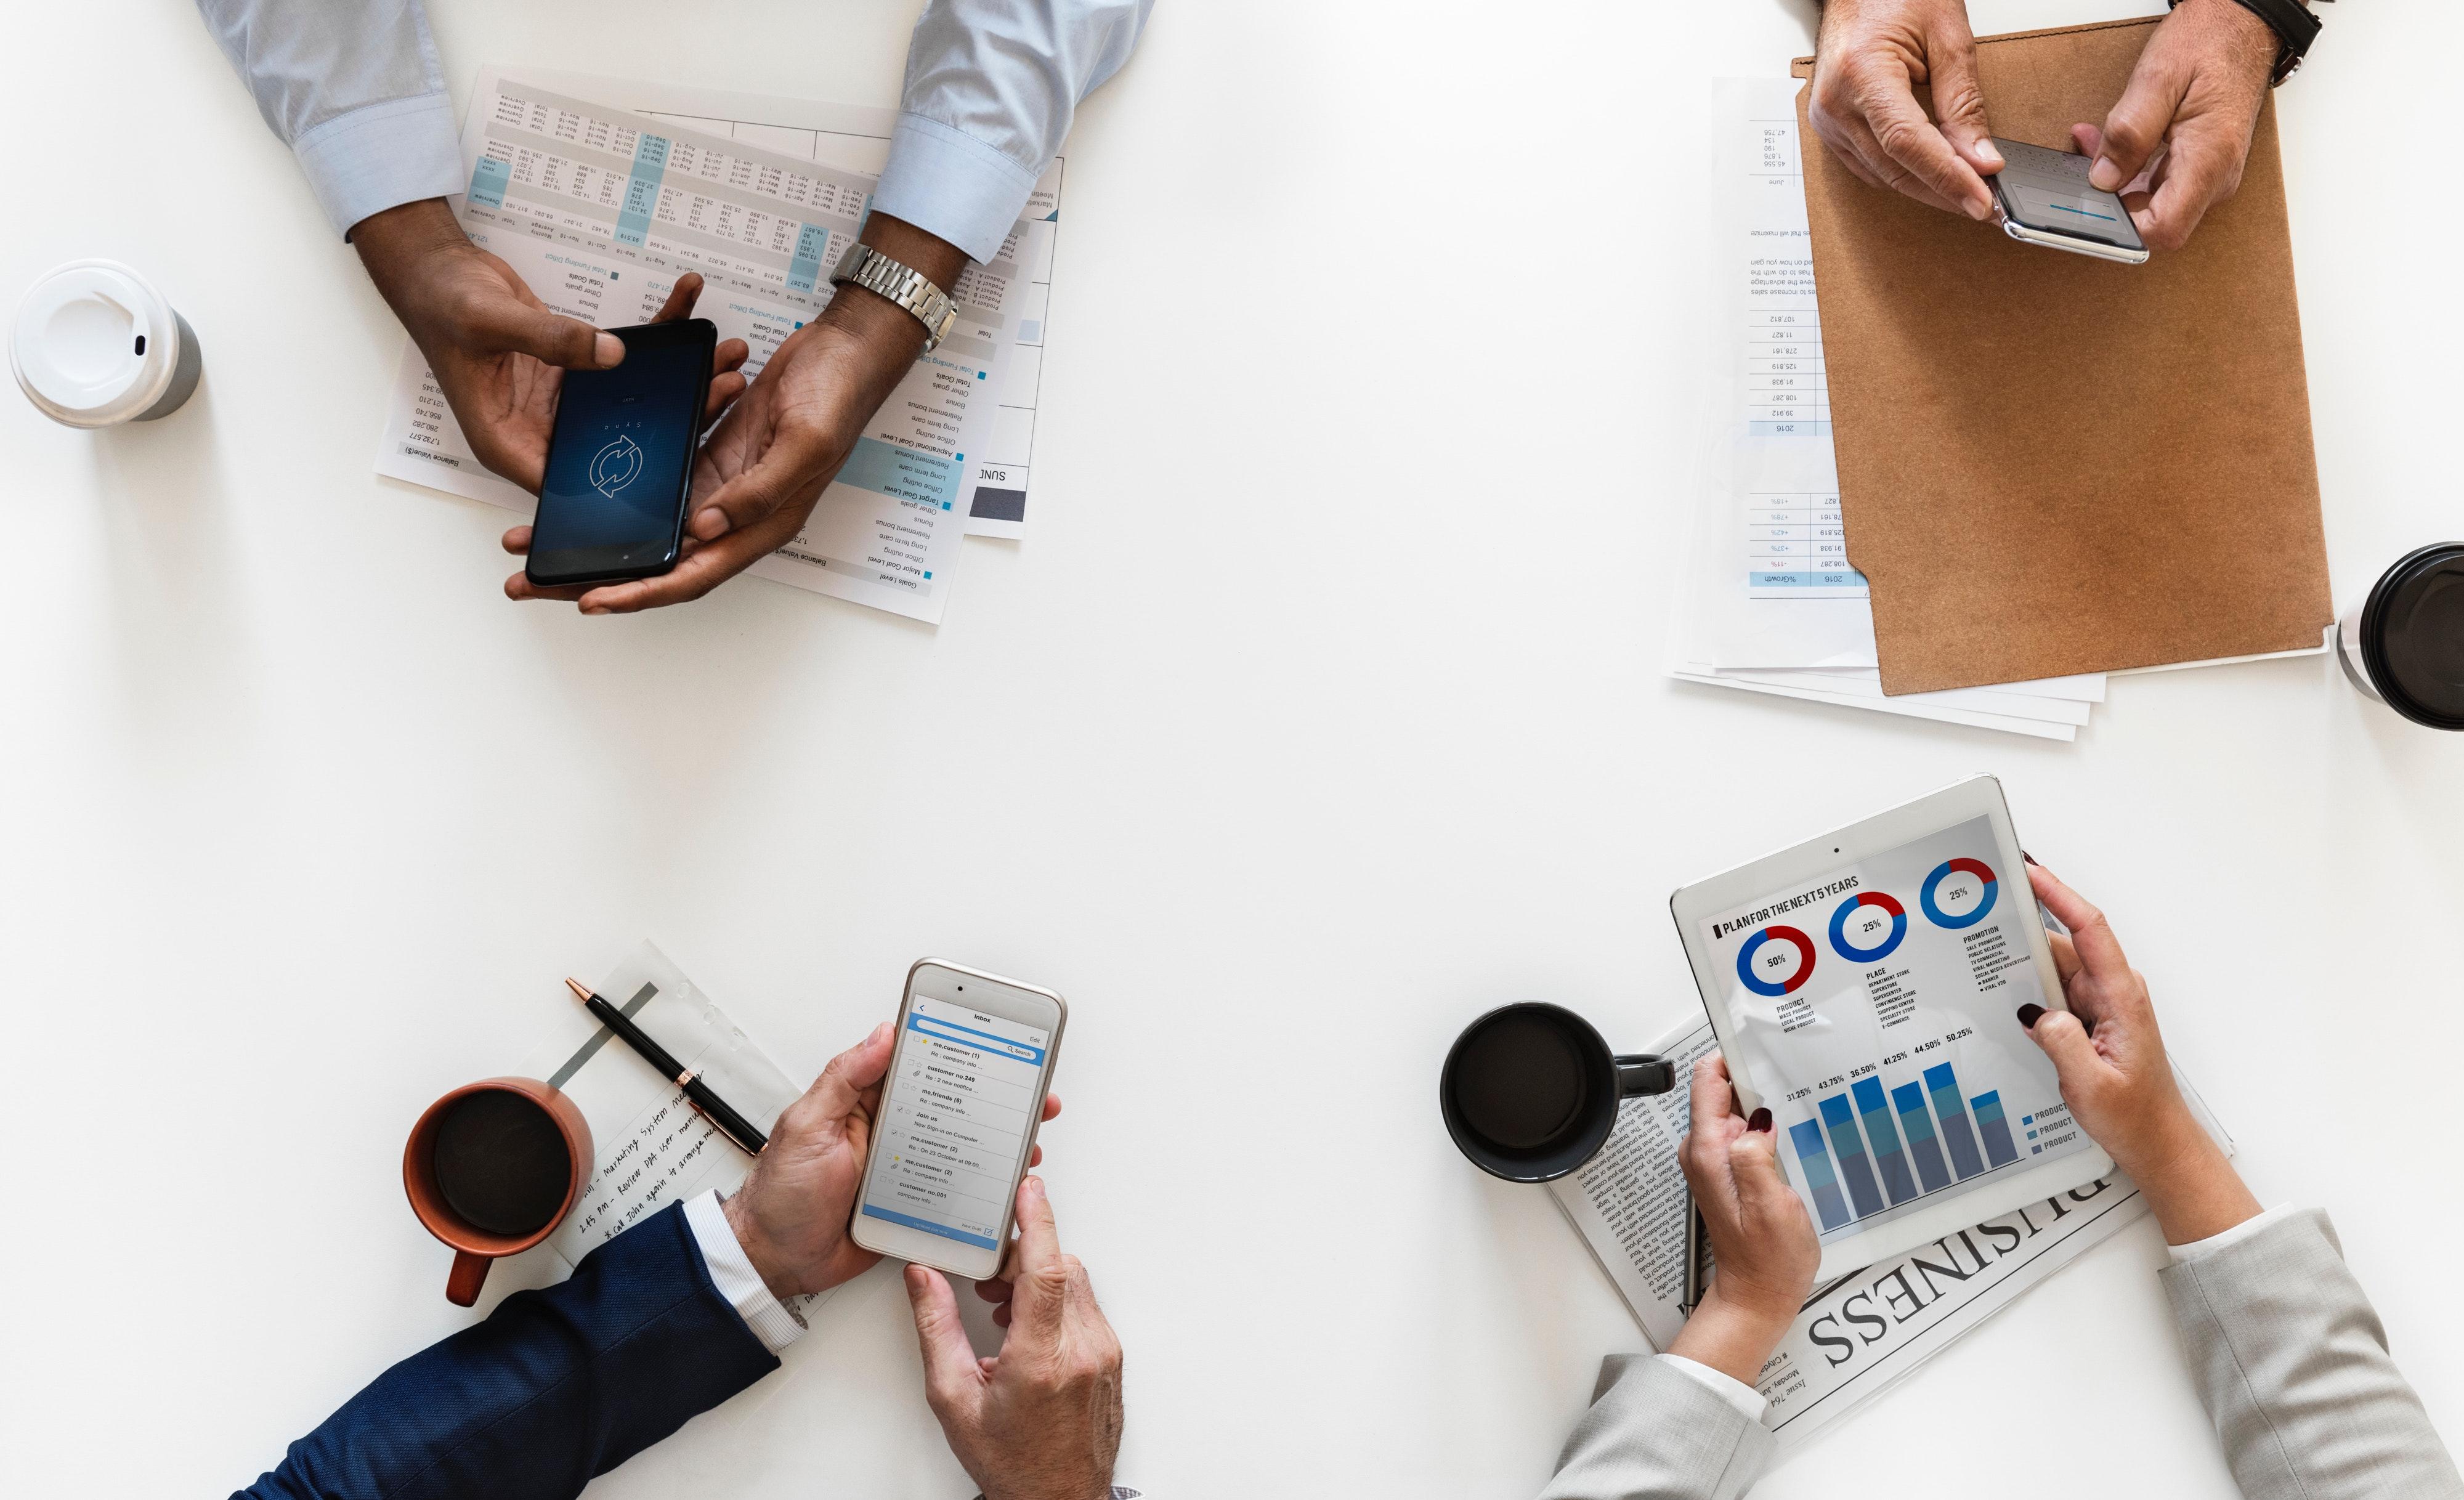 utilizing a lead marketing tool